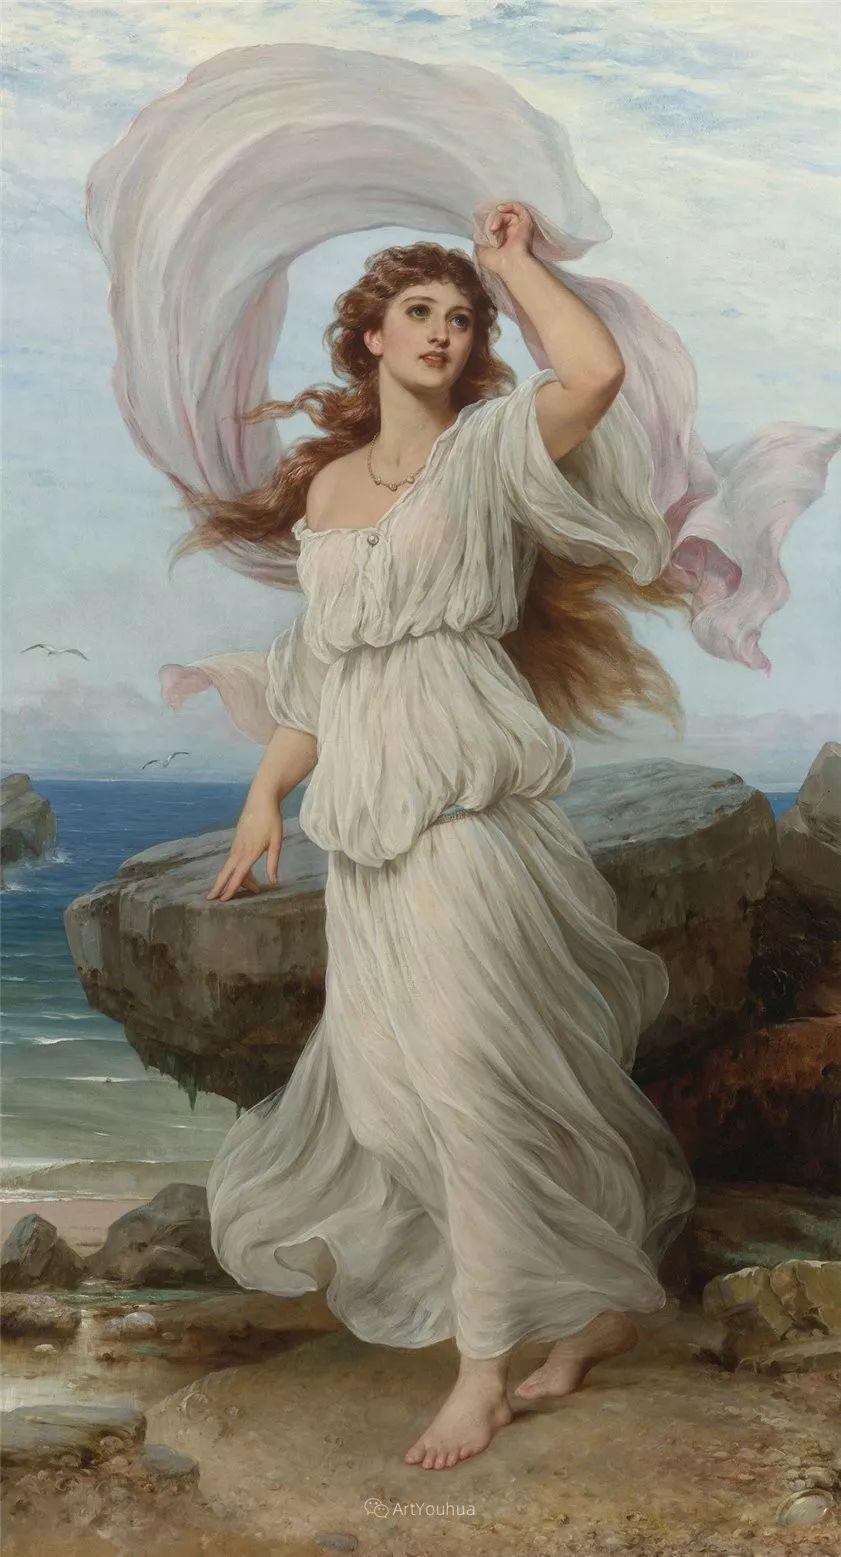 法国画家油画中的仙女,身披薄纱,性感迷人!插图13